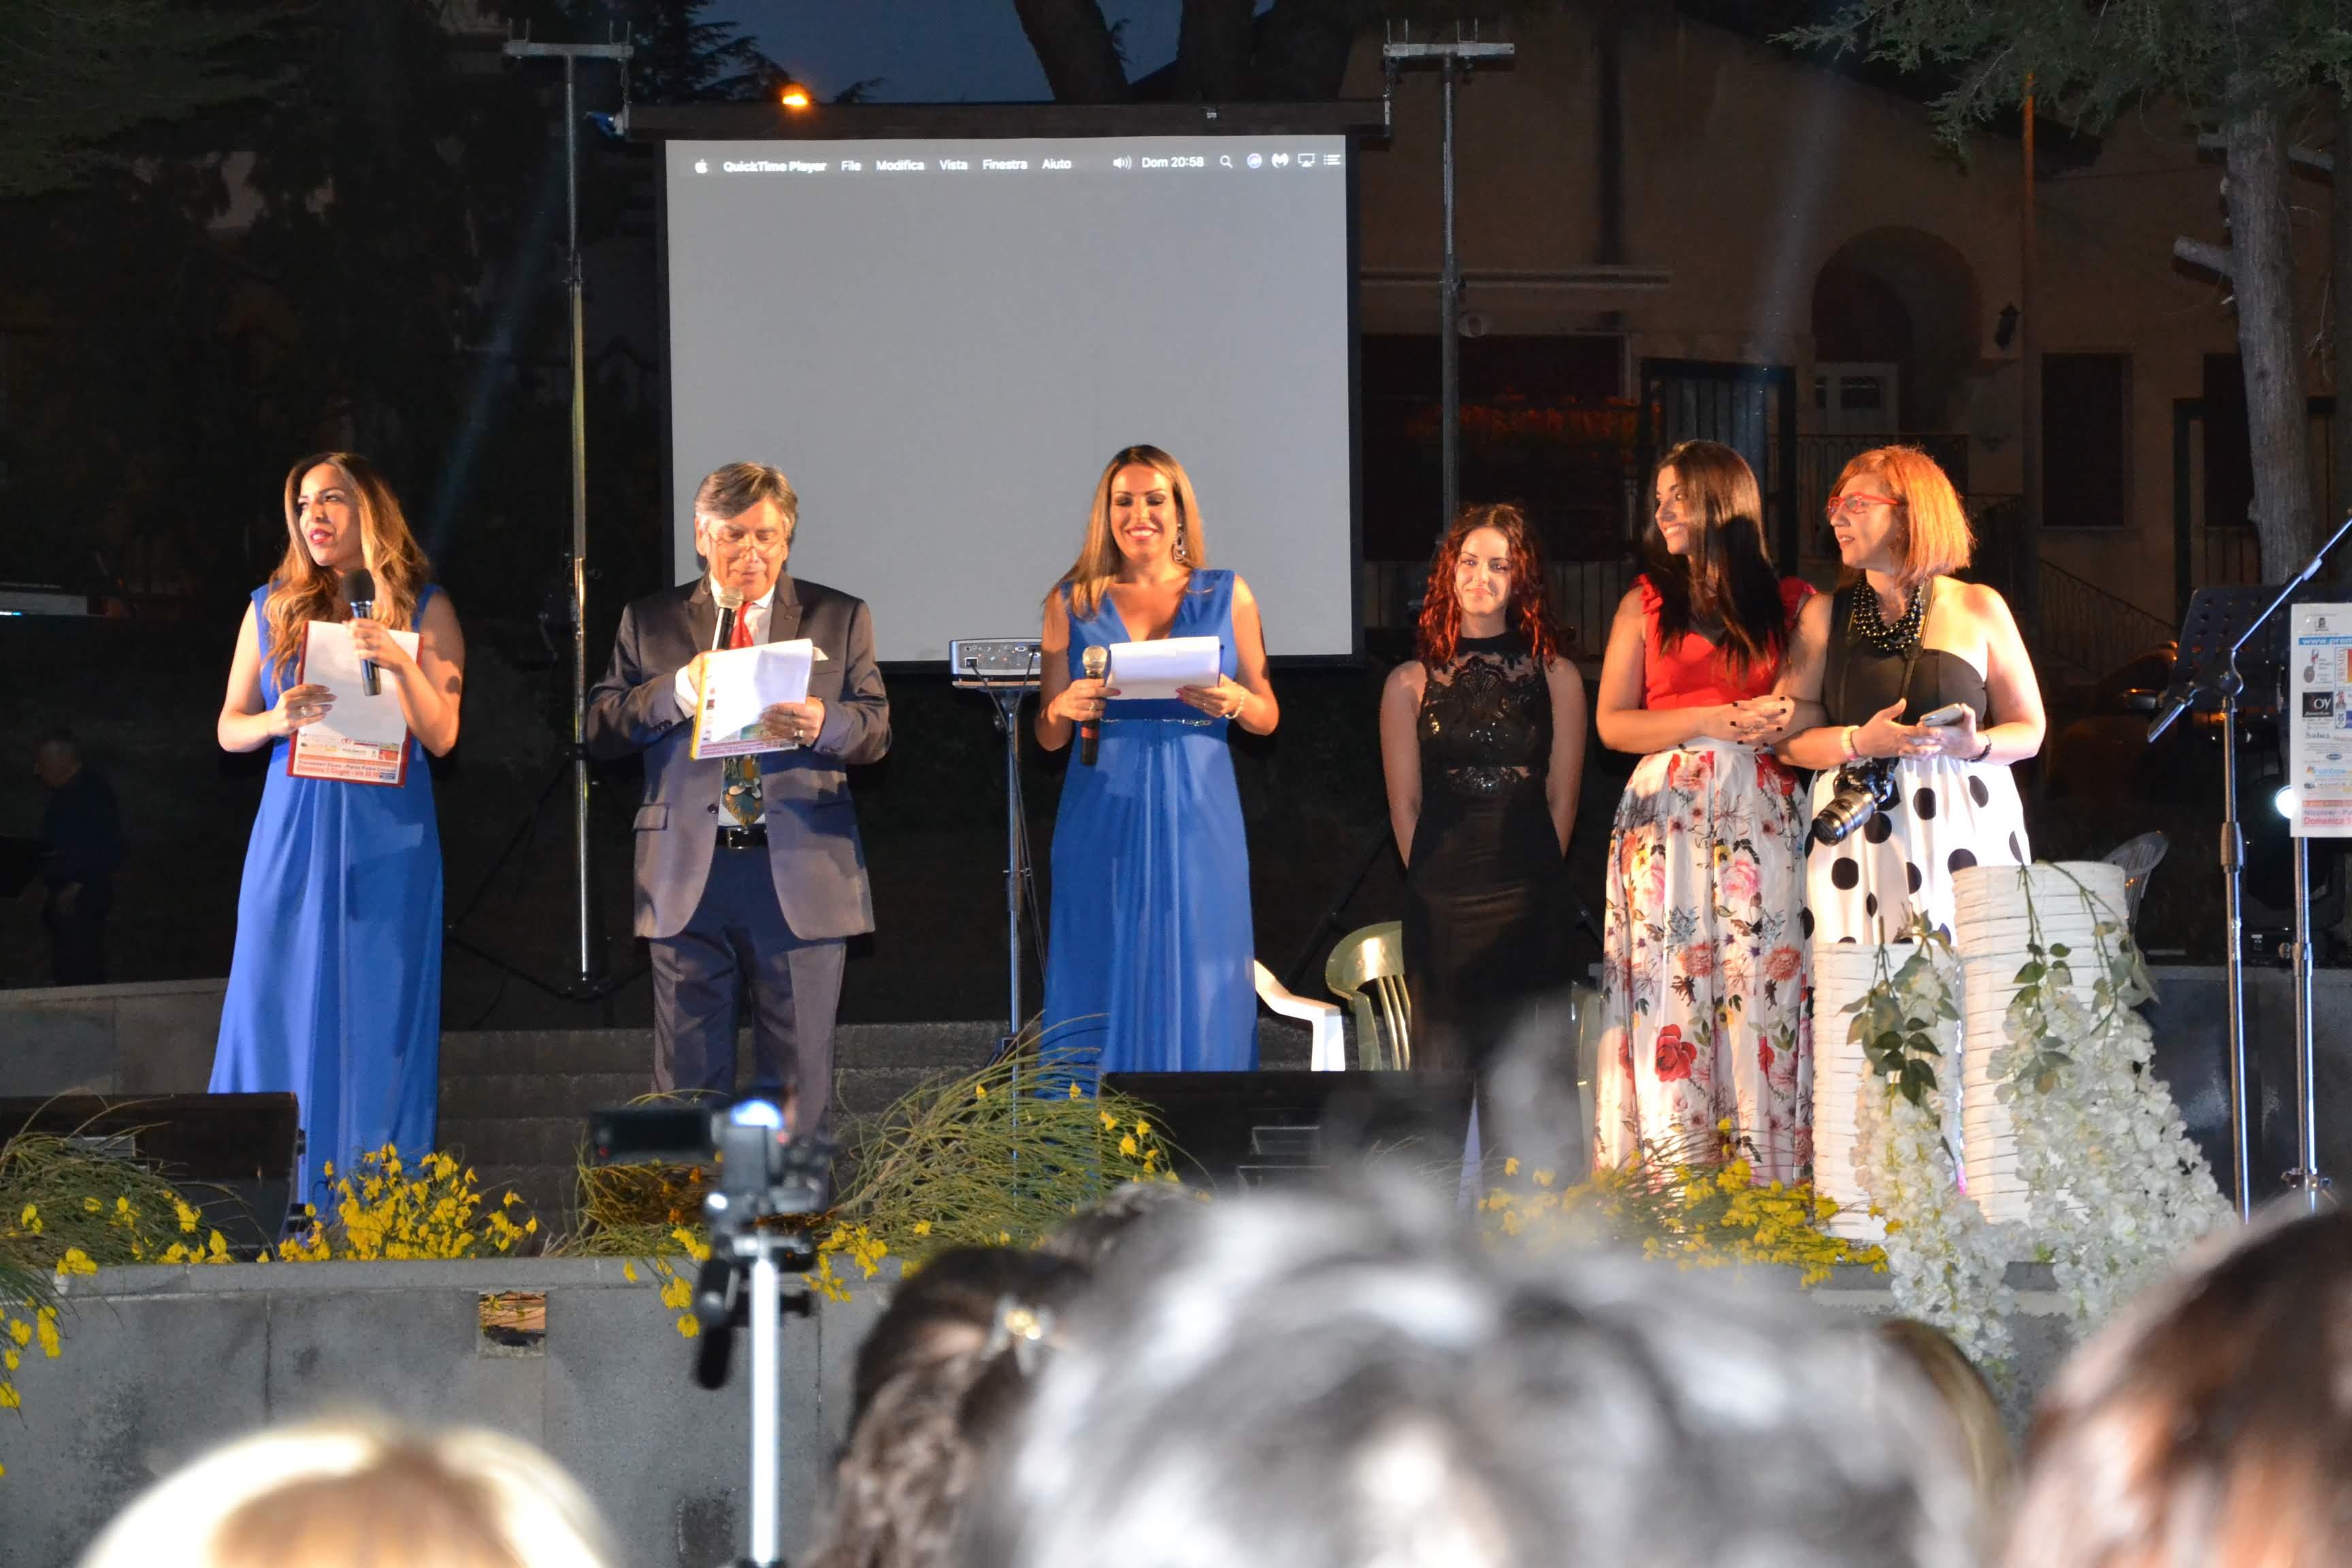 Donna siciliana2019 2 Eco di Sicilia